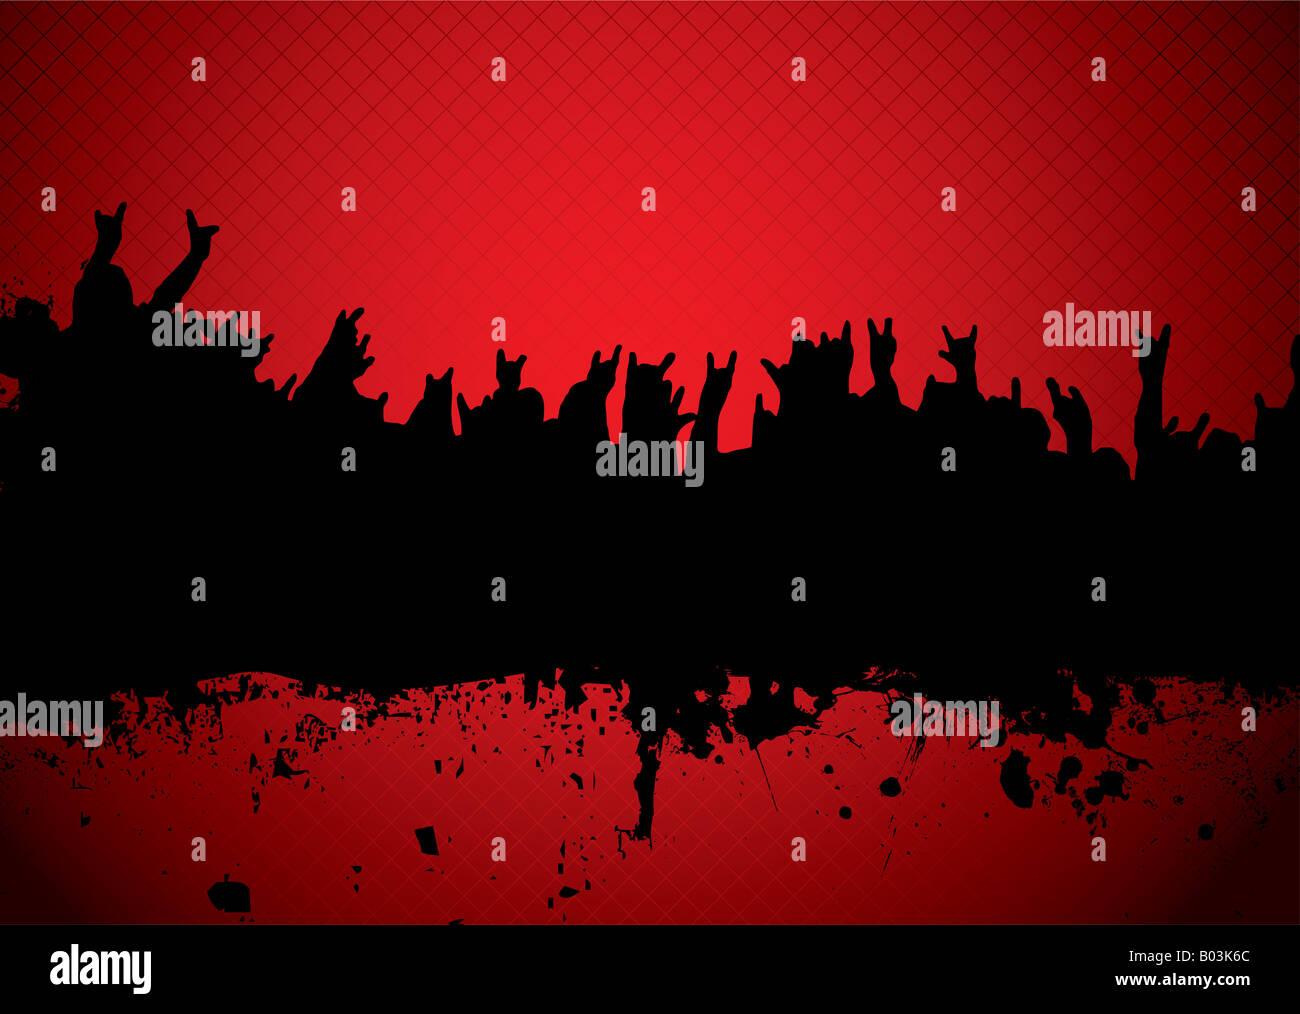 rote und schwarze Silhouette ein Rock-Konzert-Publikum Stockbild